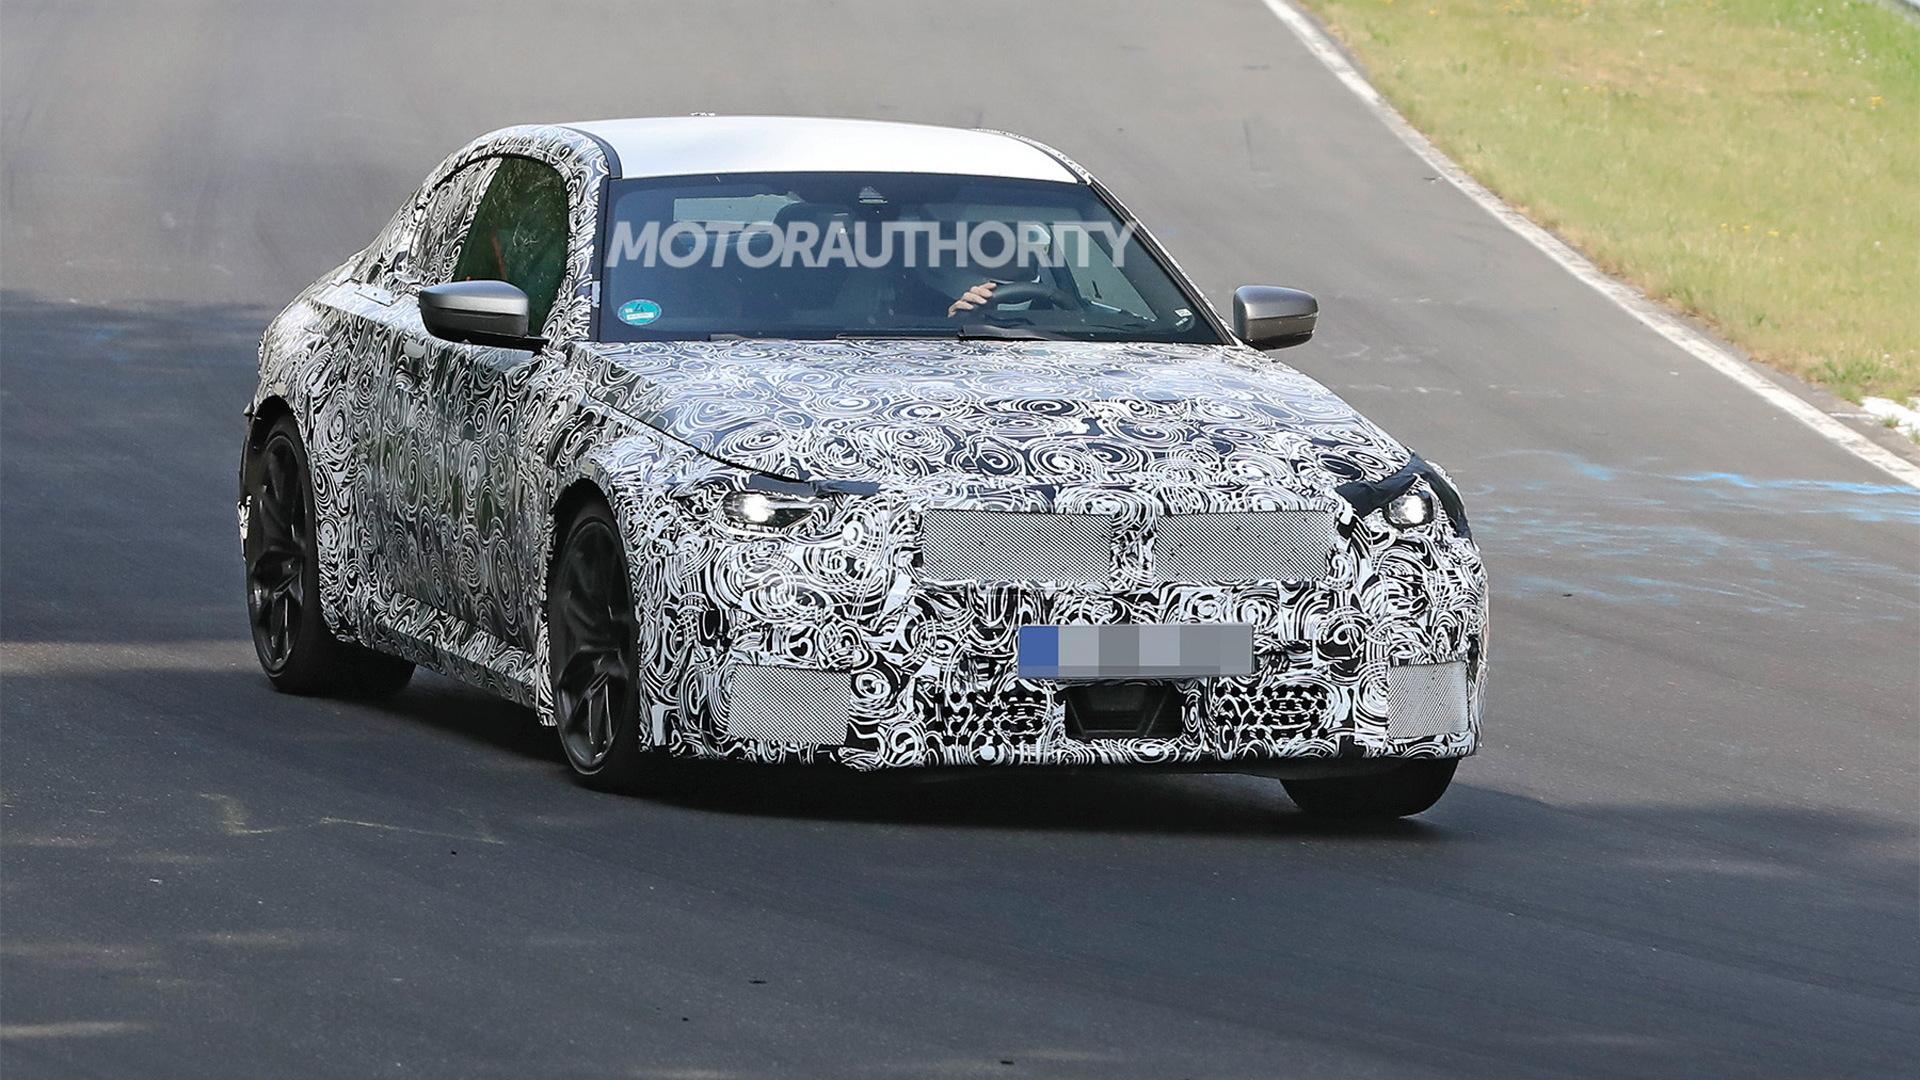 2023 BMW M2 spy shots - Photo credit: S. Baldauf/SB-Medien